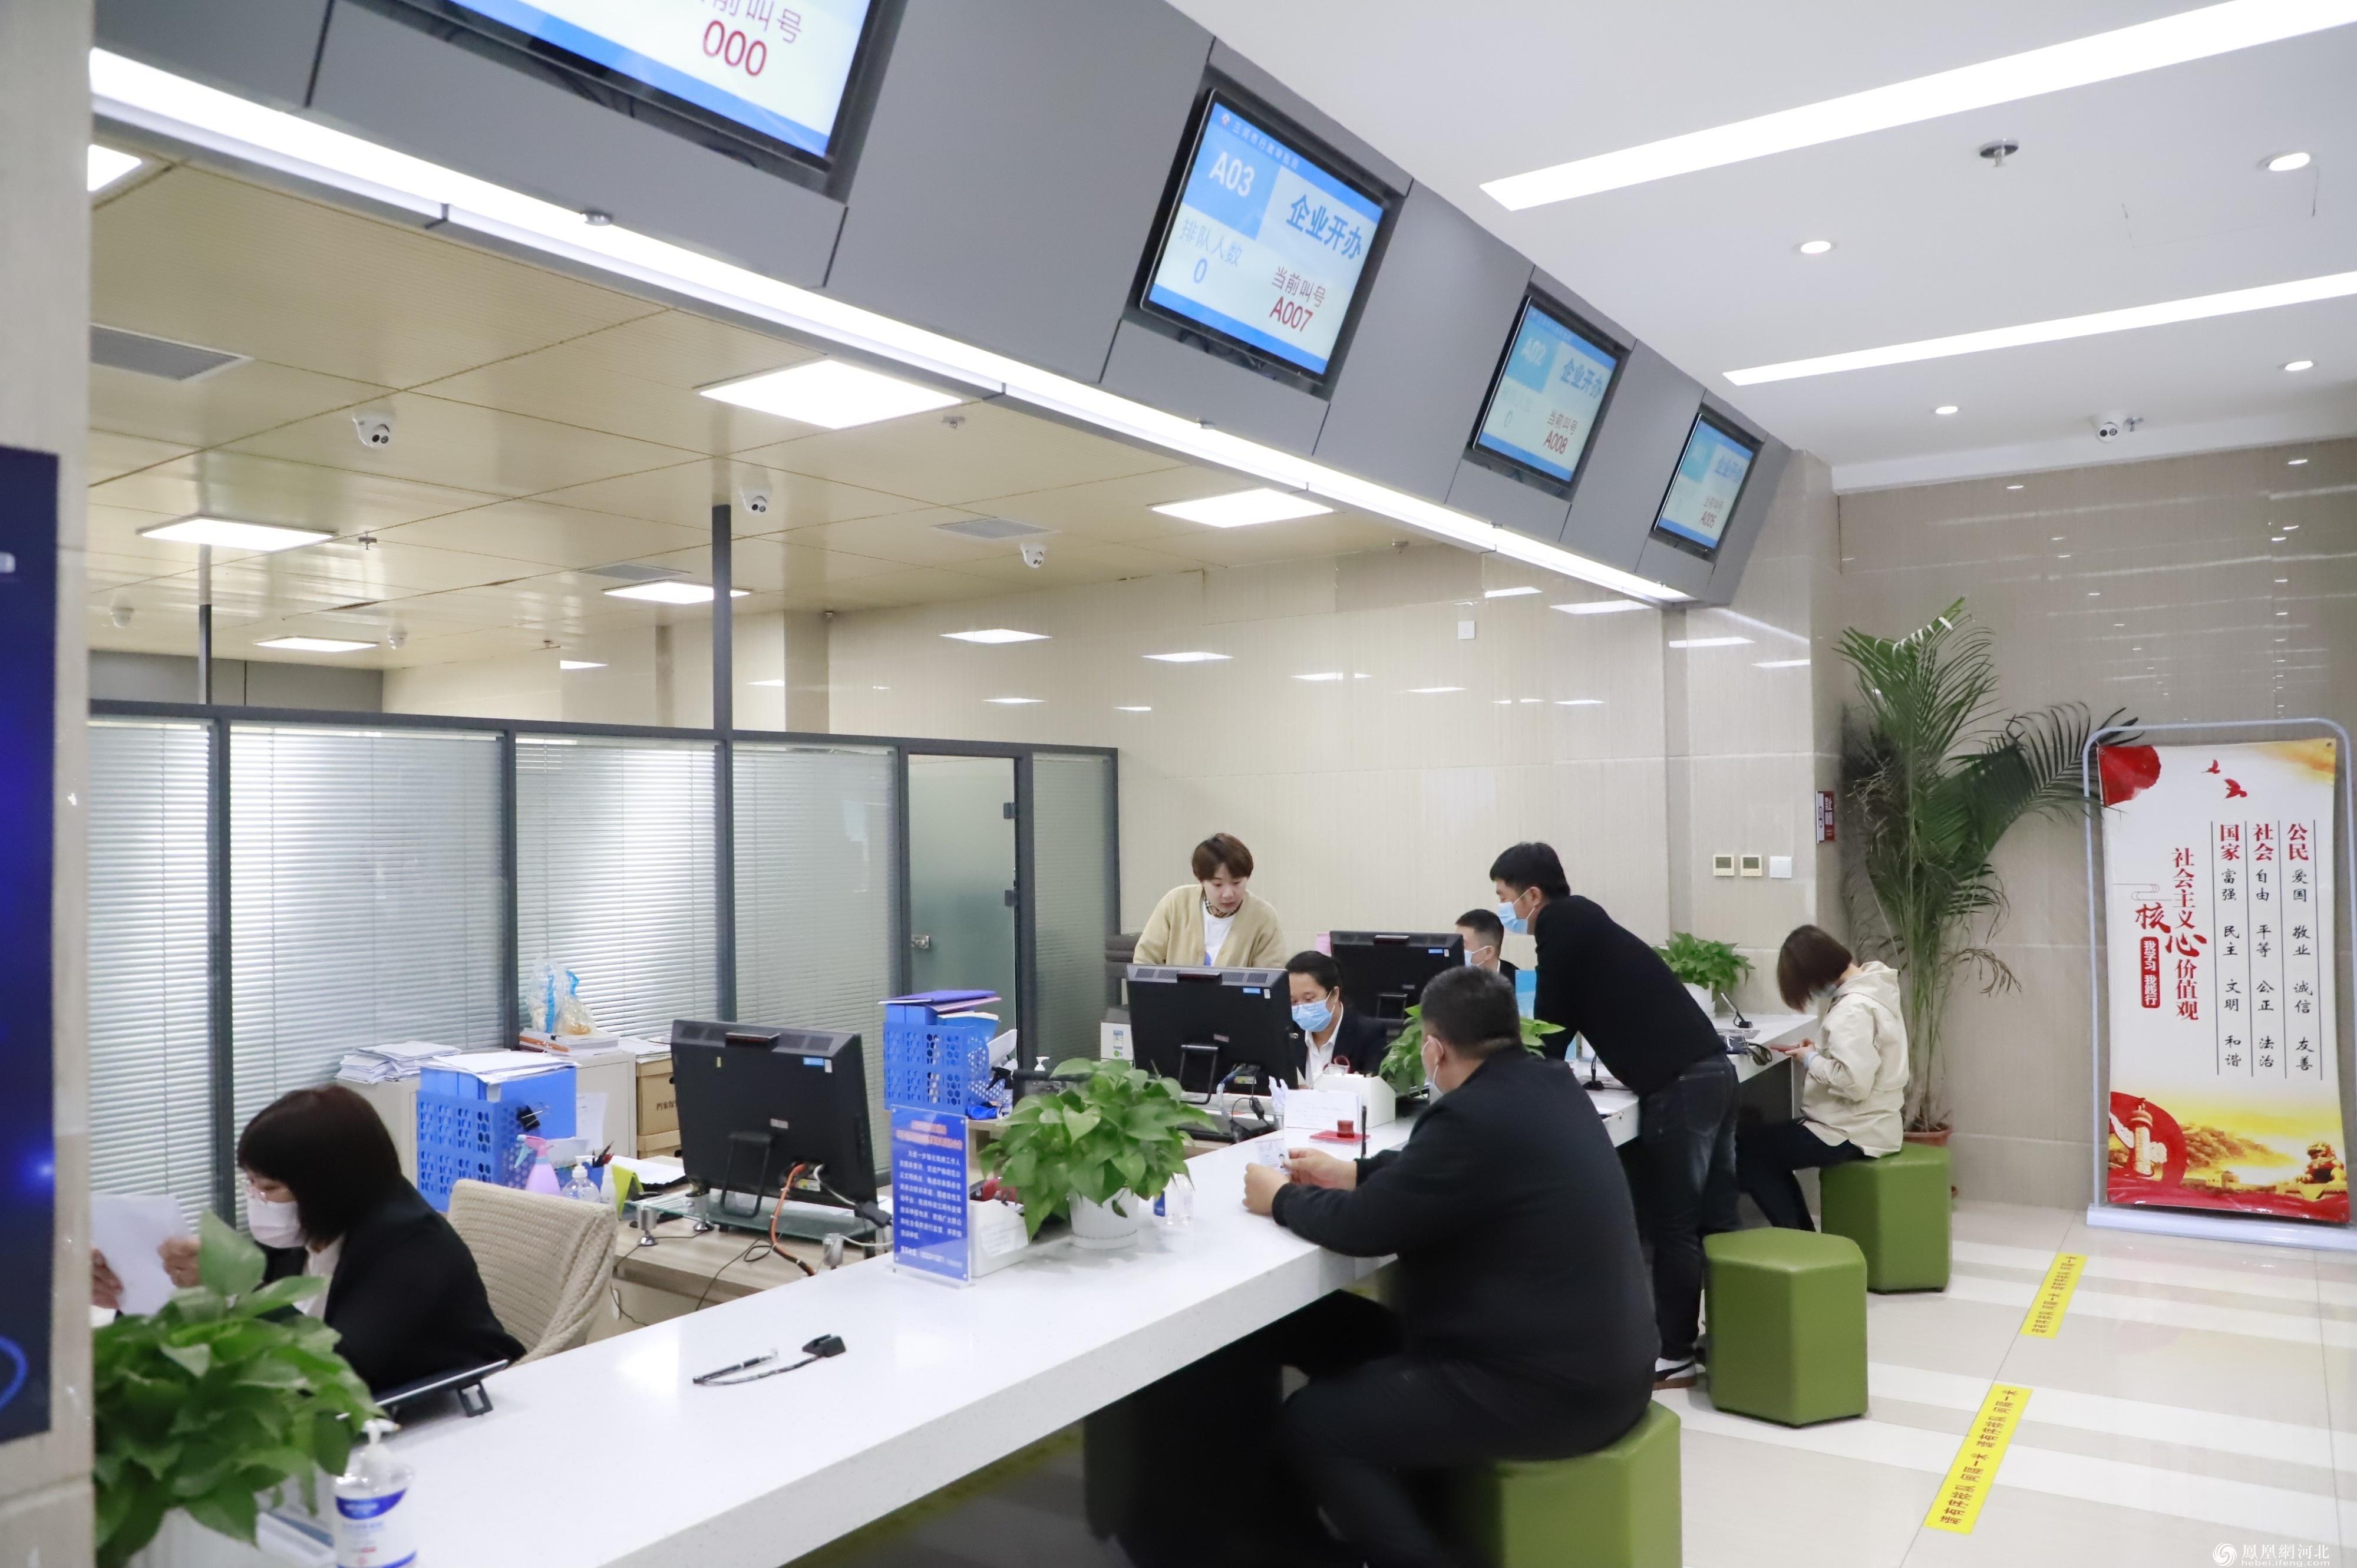 三河市行政审批局:缩短审核时间 助力企业发展